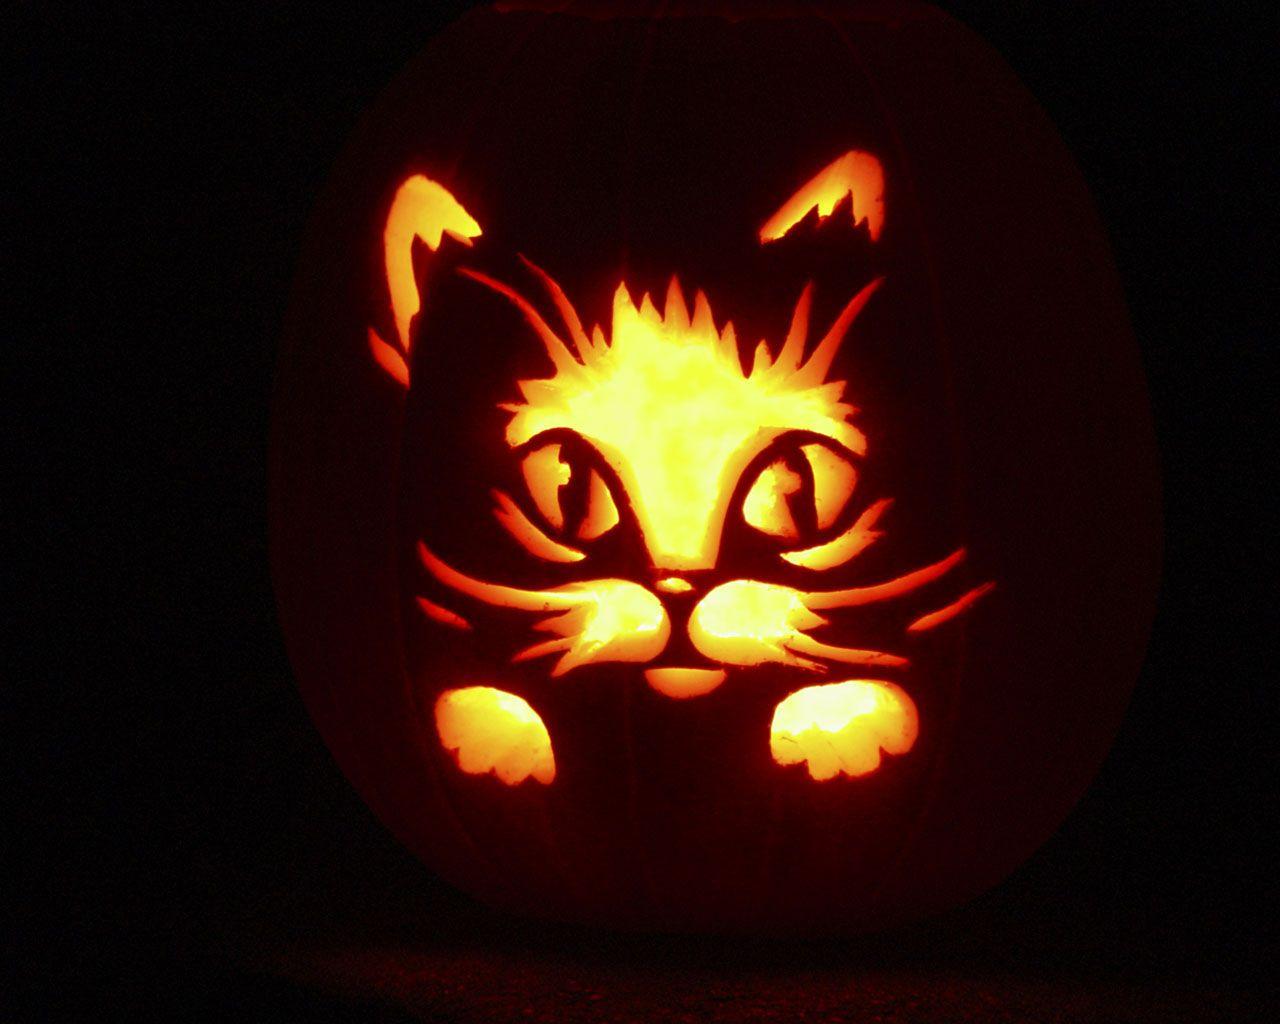 Have a happy, haunted Halloween! #halloweenbackgroundswallpapers